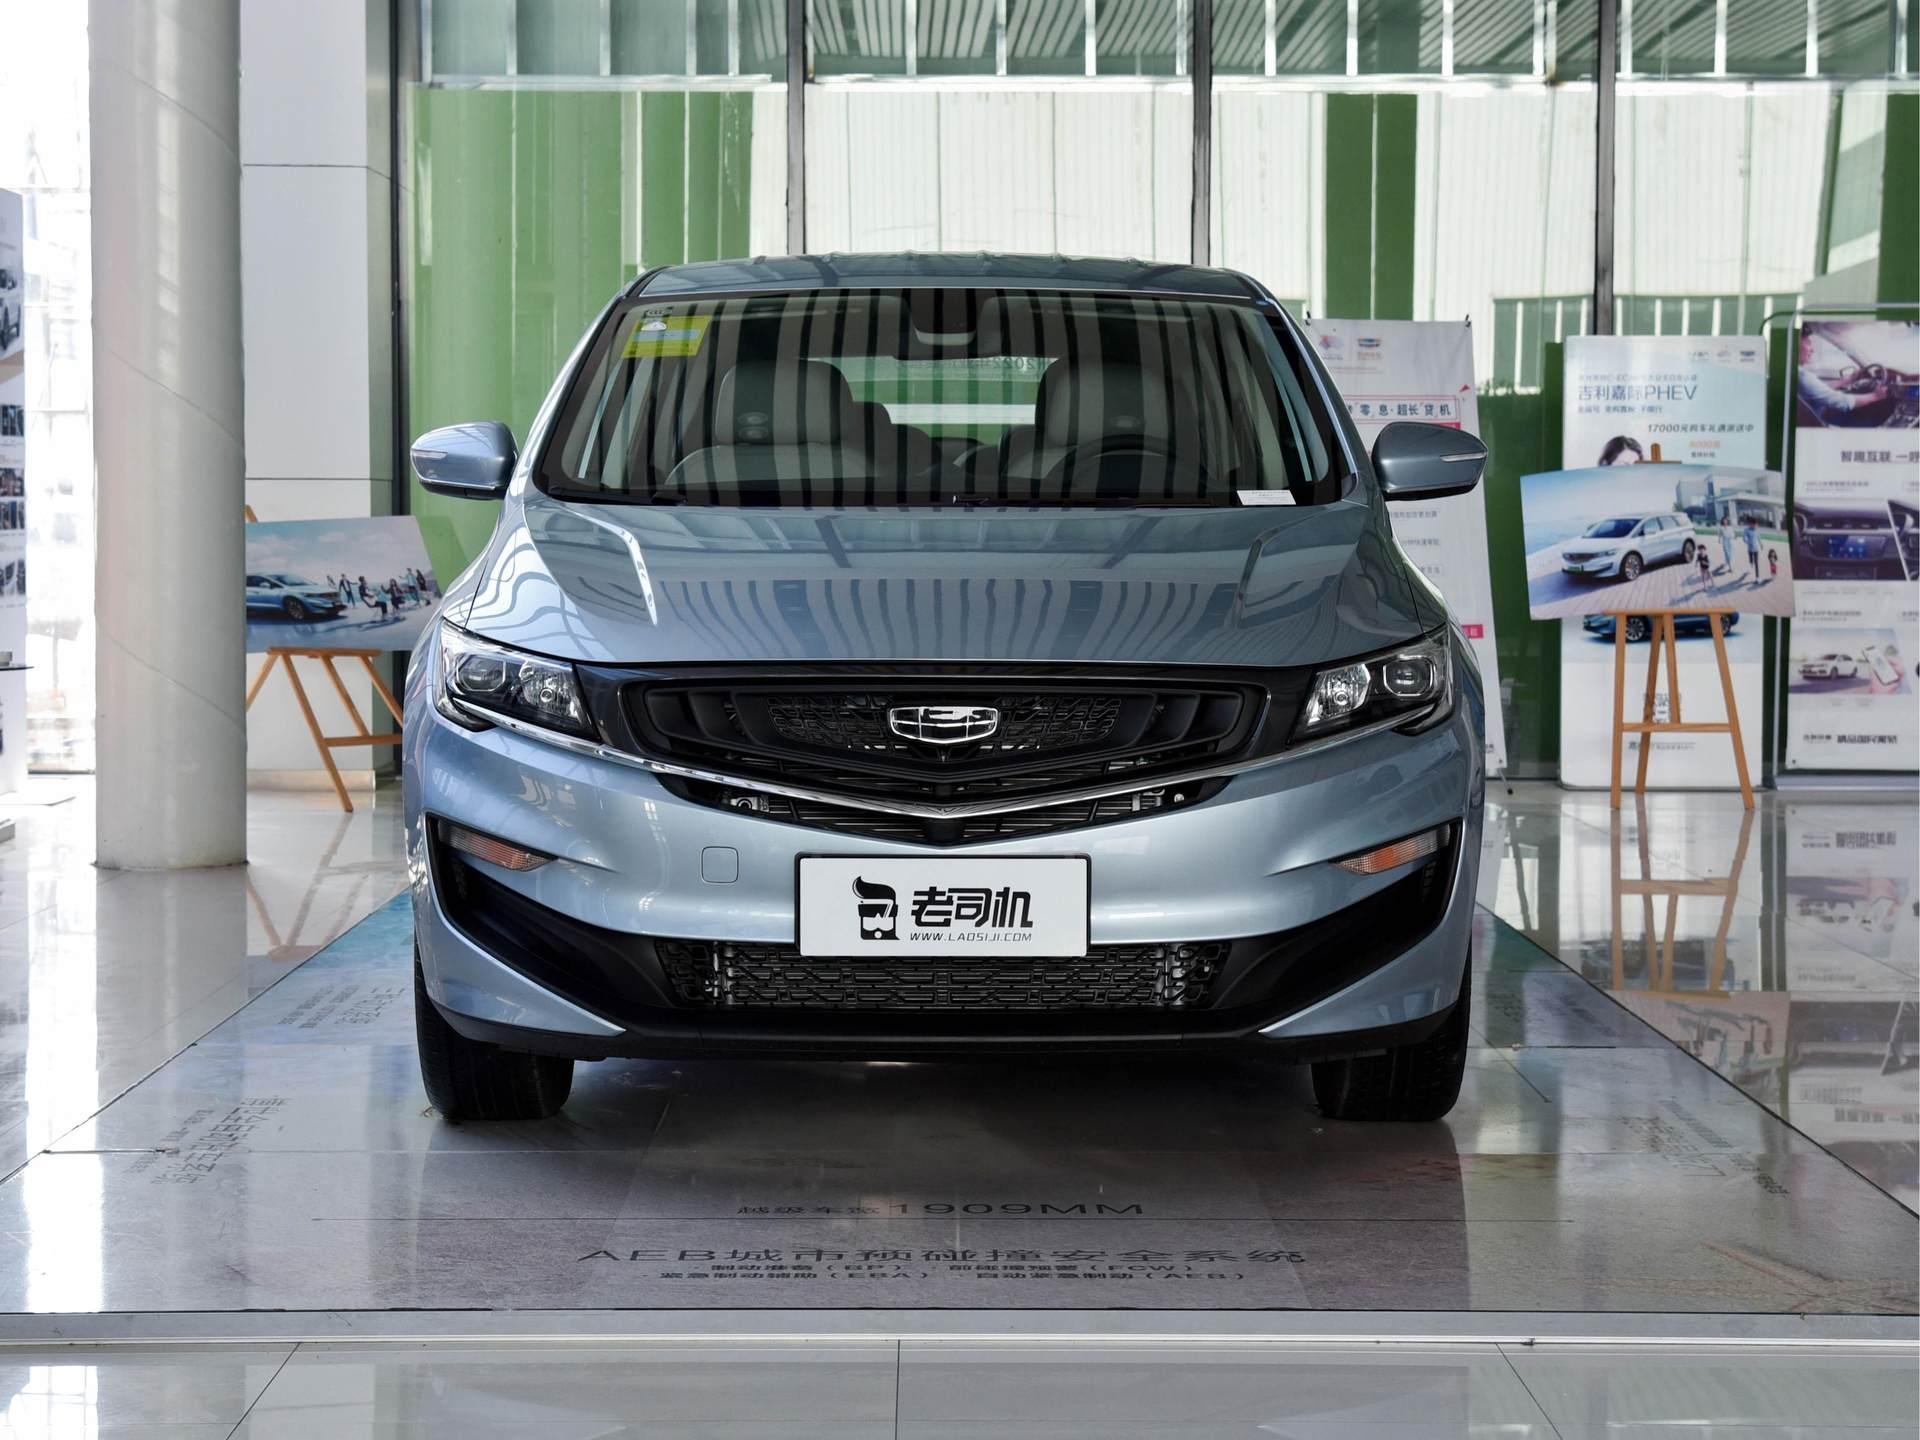 吉利造出成功MPV,頂配15萬配1.8T,軸距2805mm,四輪獨懸舒適佳-圖2